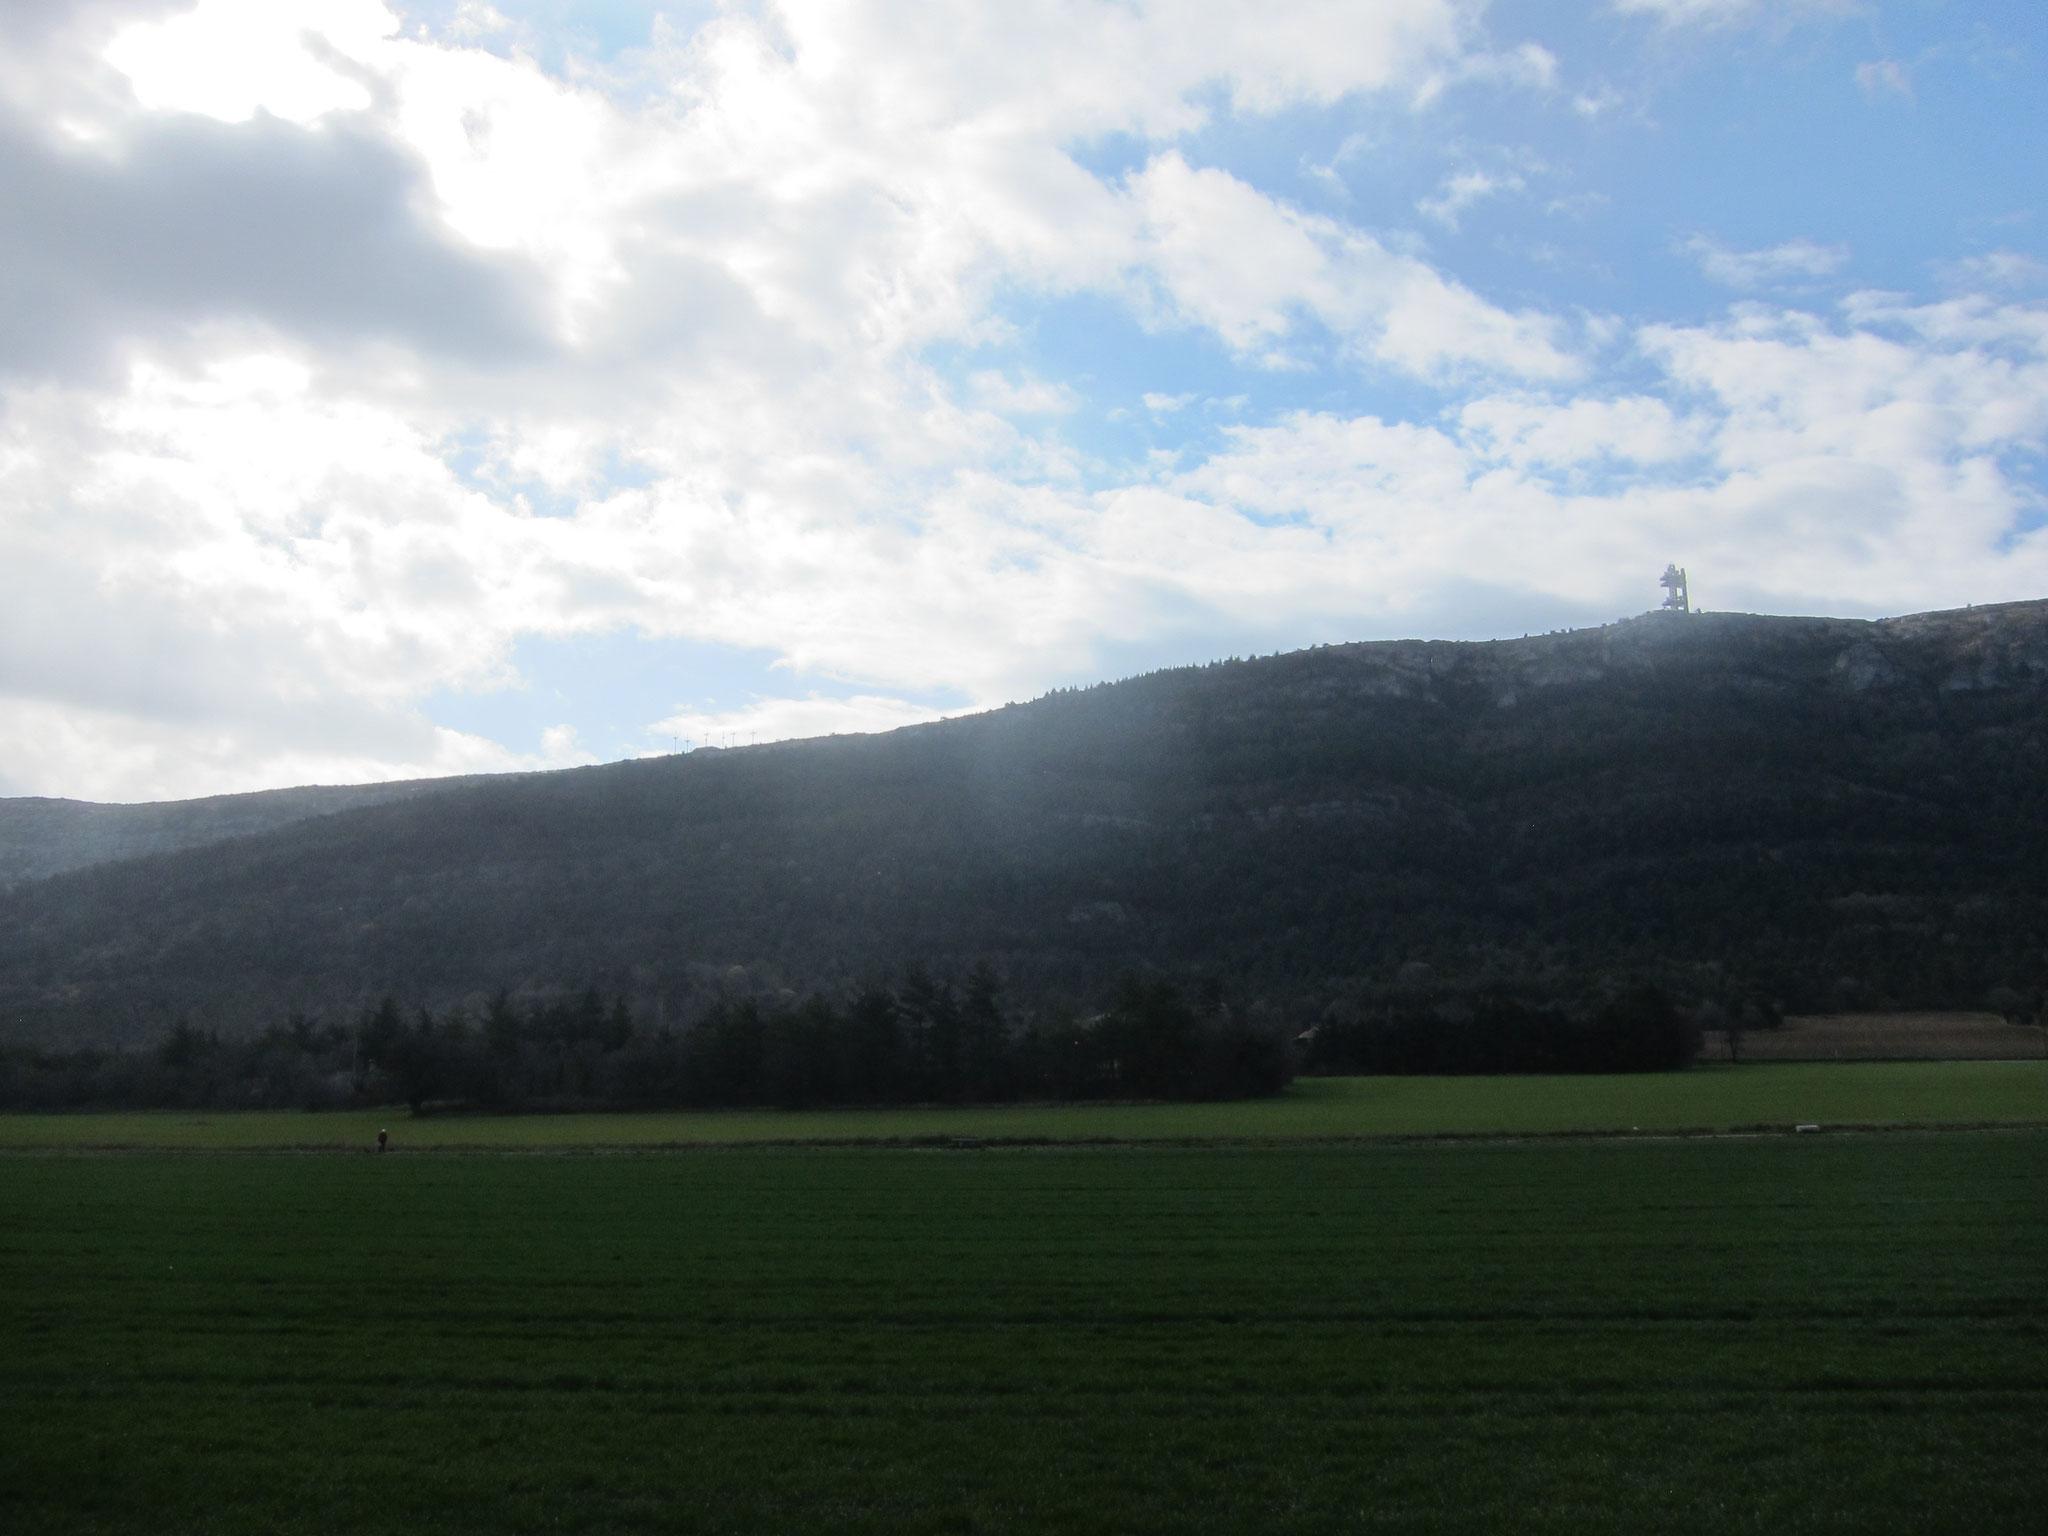 セントバウムとは聖なる洞窟 この山です